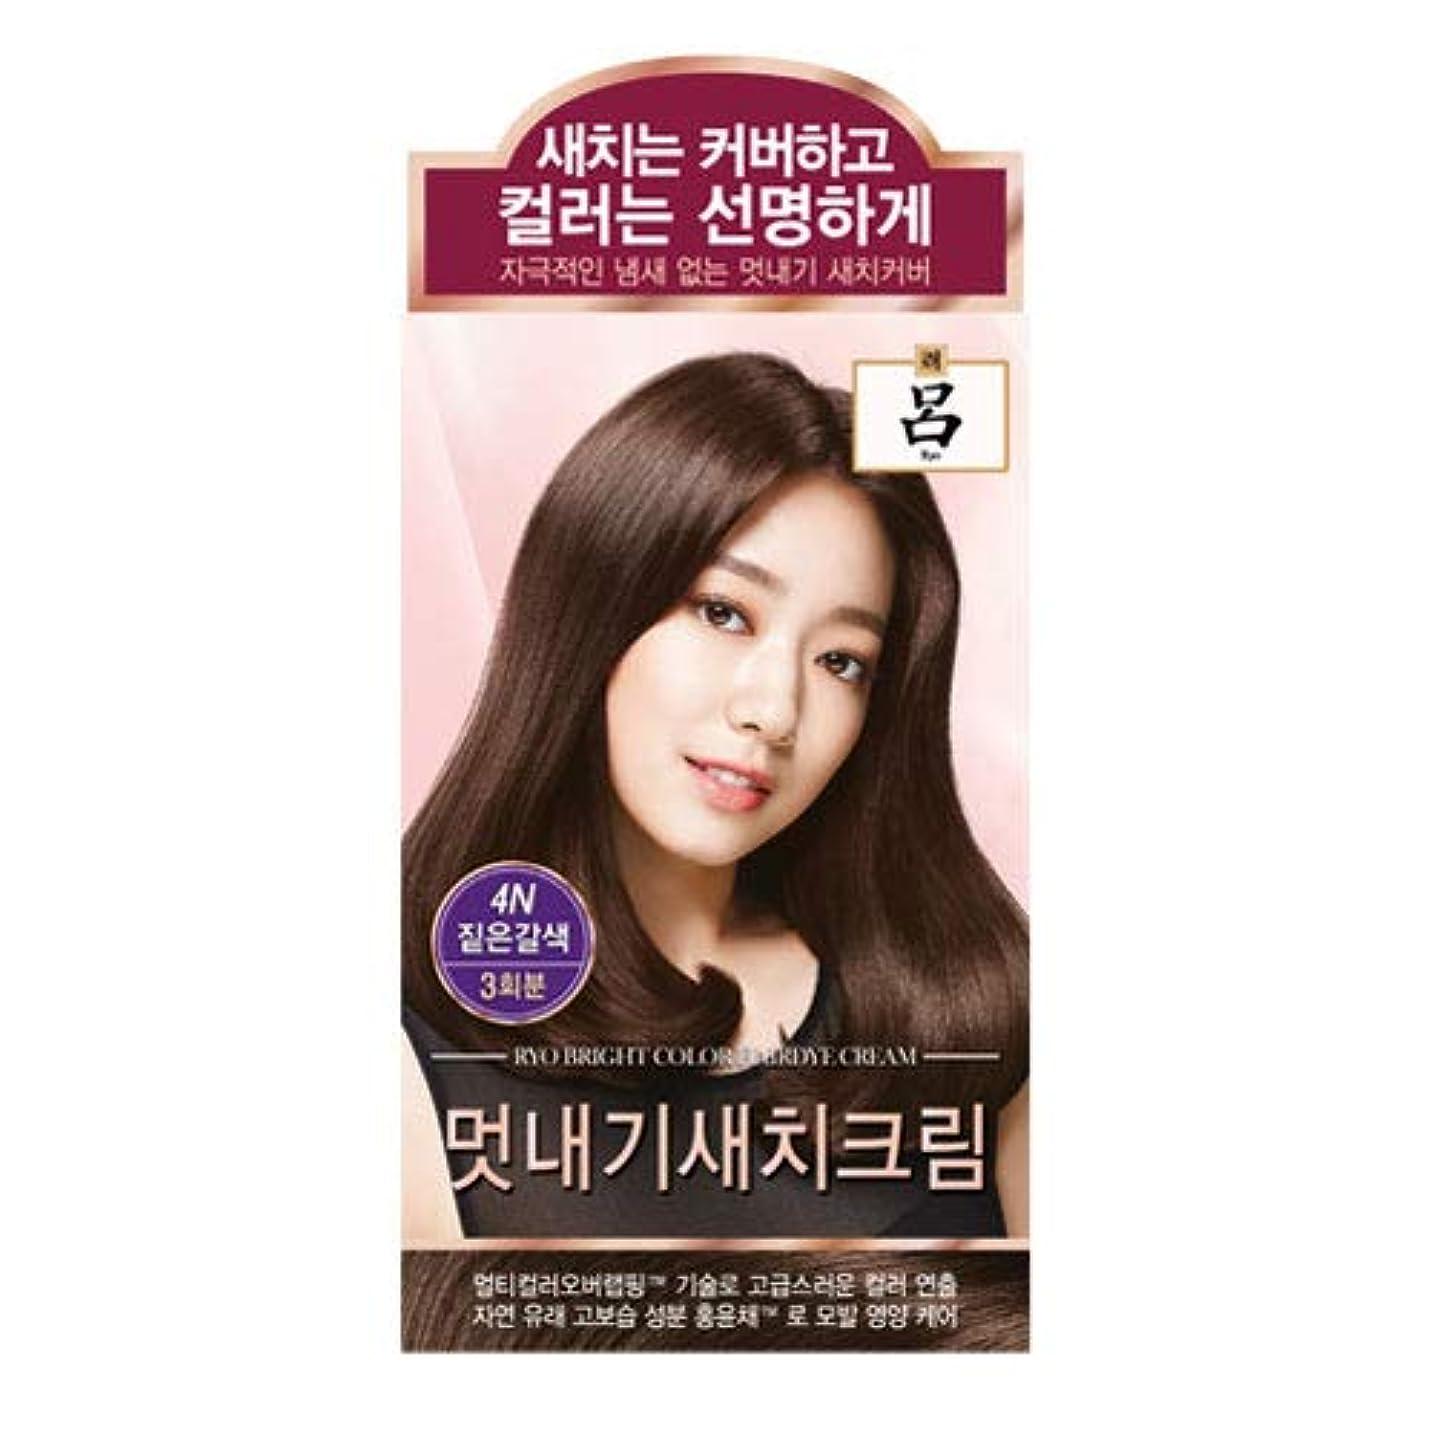 打倒オークションブートアモーレパシフィック呂[AMOREPACIFIC/Ryo] ブライトカラーヘアアイクリーム 4N ディープブラウン/Bright Color Hairdye Cream 4N Deep Brown